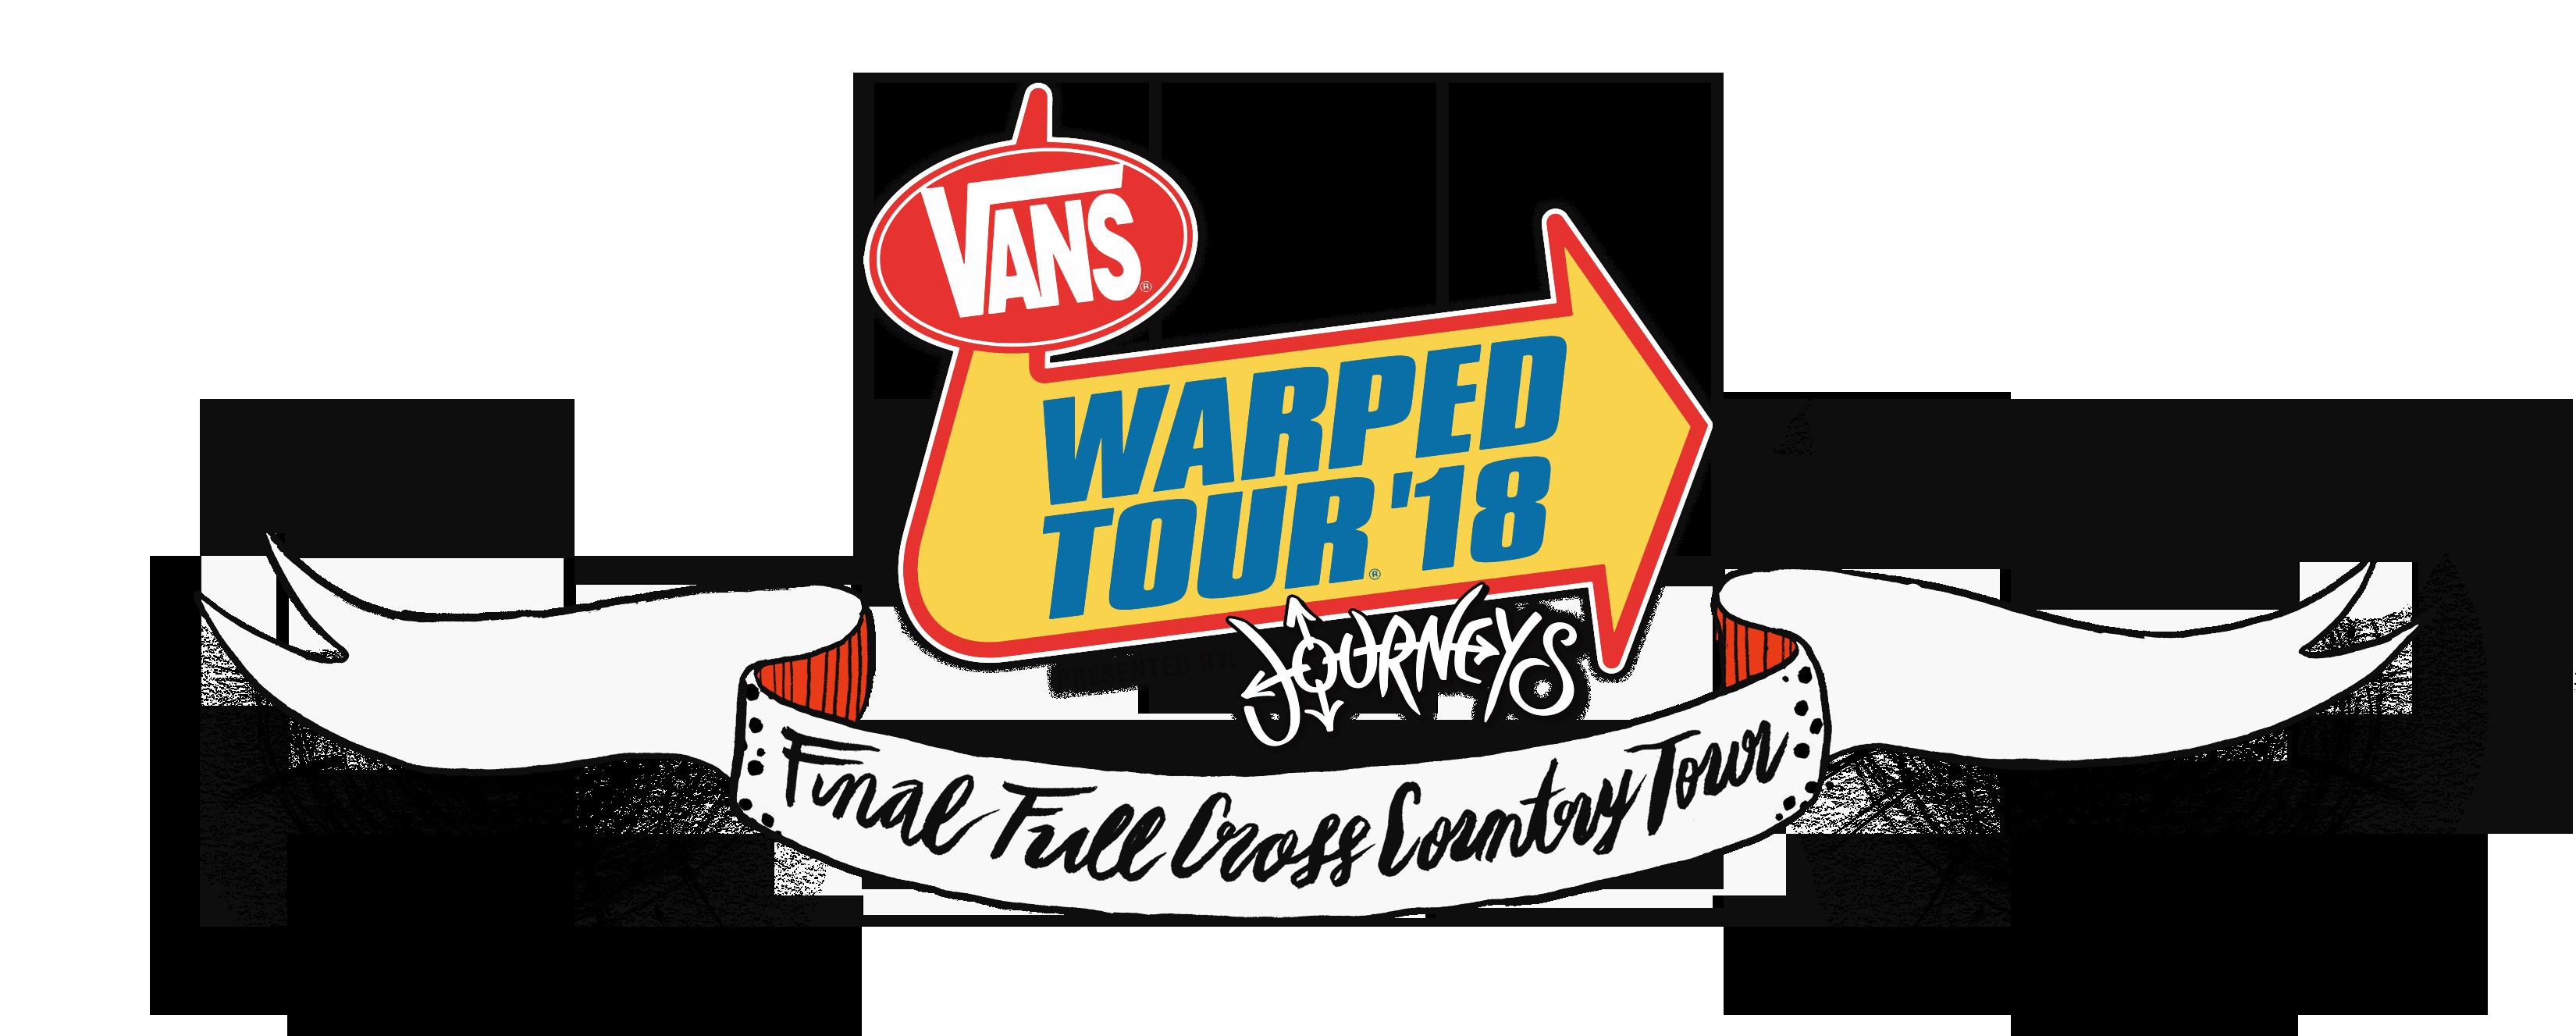 Report clipart month end. Warped tour las vegas